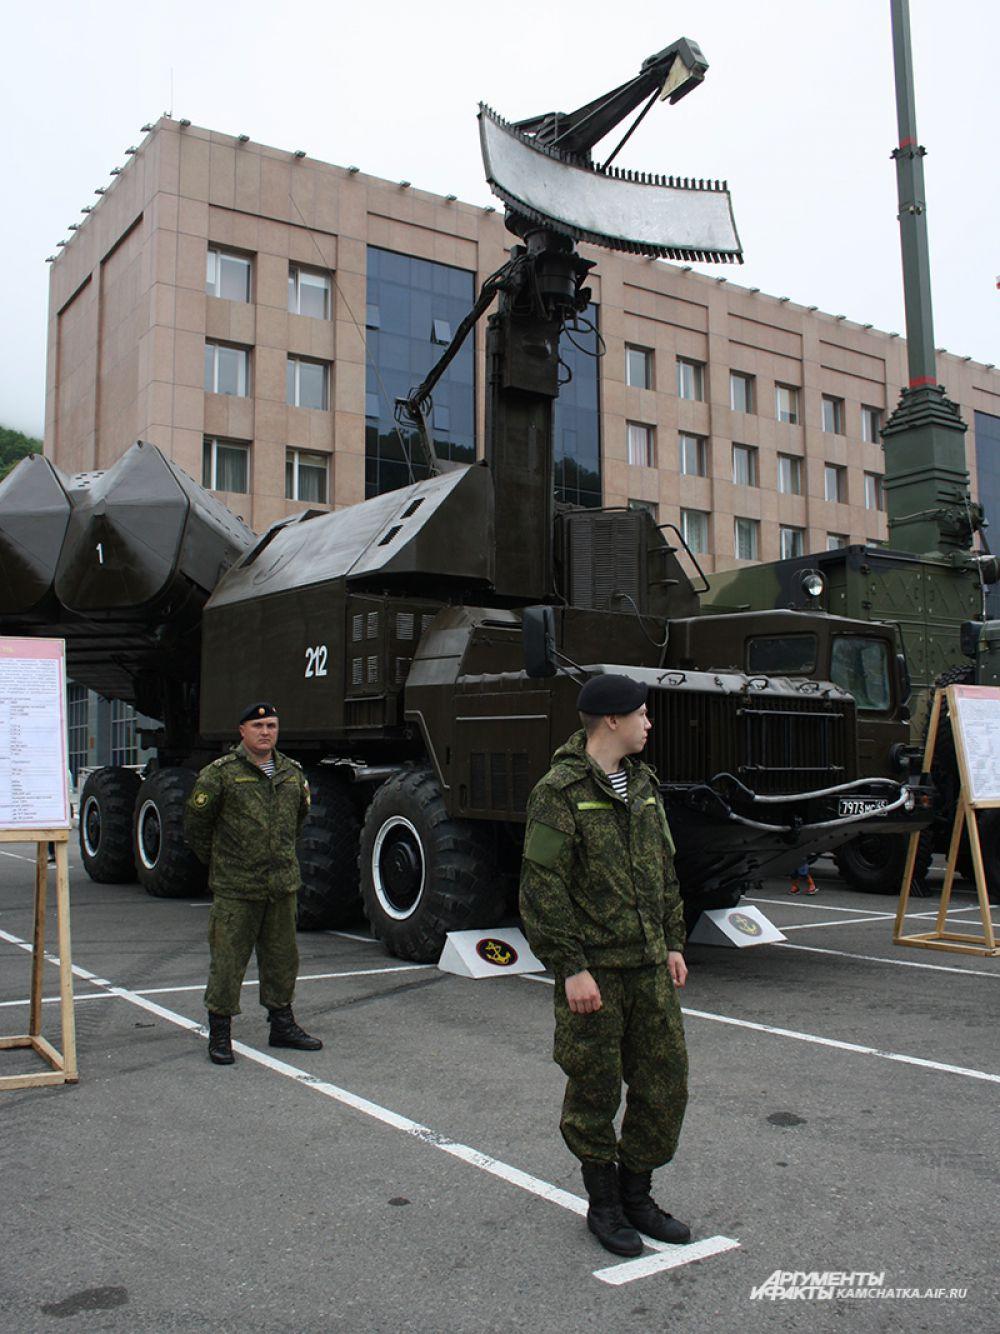 На площадке возле здания Правительства Камчатского края была представлена выставка военной техники.